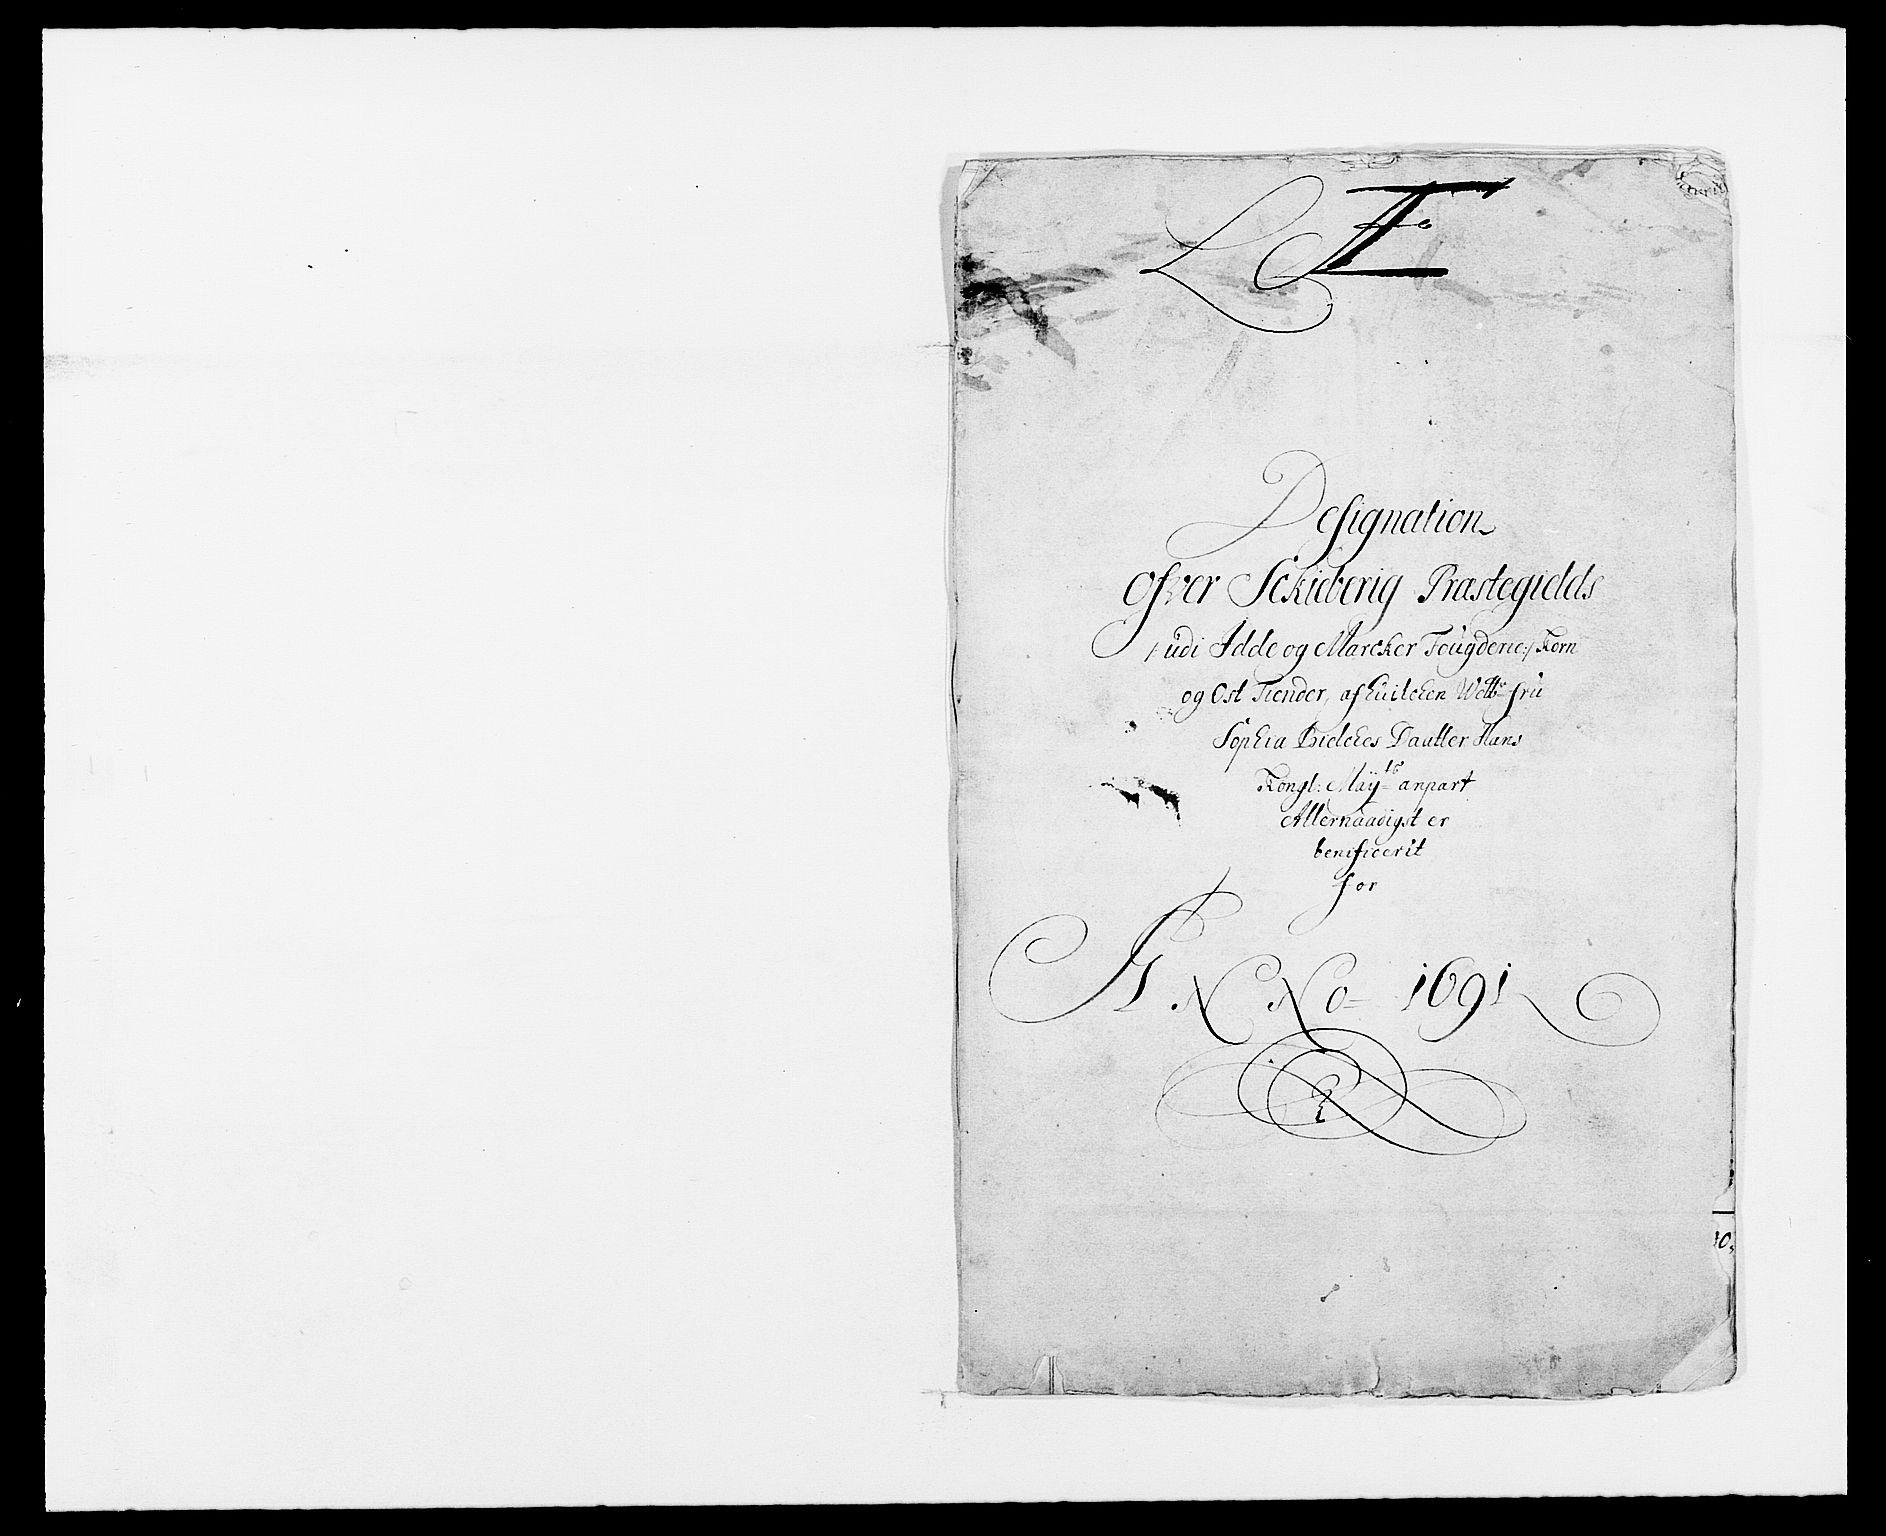 RA, Rentekammeret inntil 1814, Reviderte regnskaper, Fogderegnskap, R01/L0010: Fogderegnskap Idd og Marker, 1690-1691, p. 418